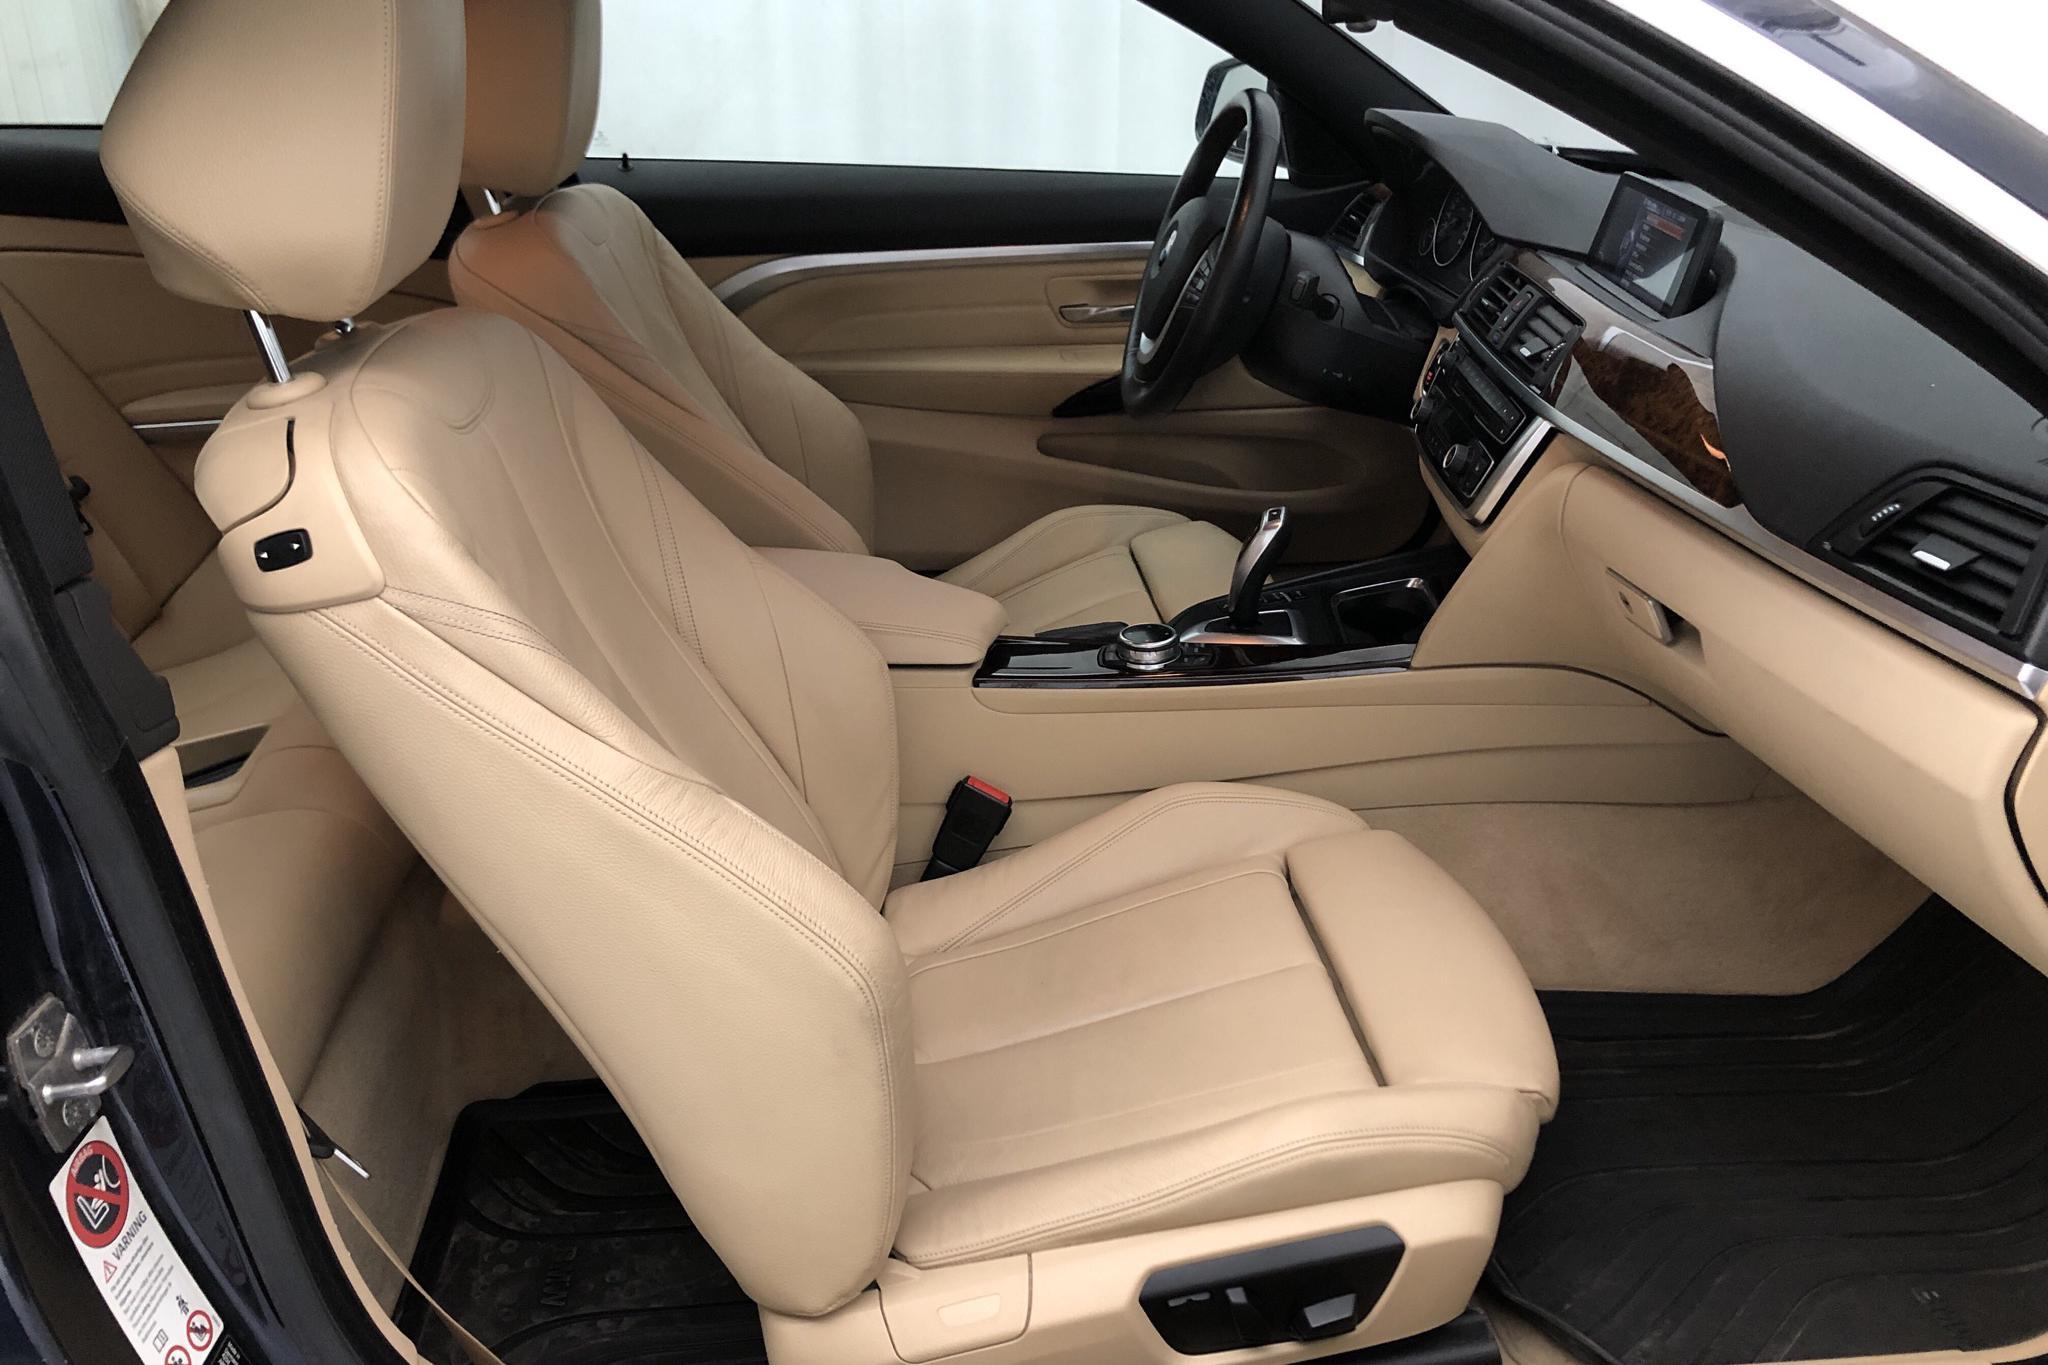 BMW 420d Coupé, F32 (184hk) - 129 380 km - Automatic - blue - 2014